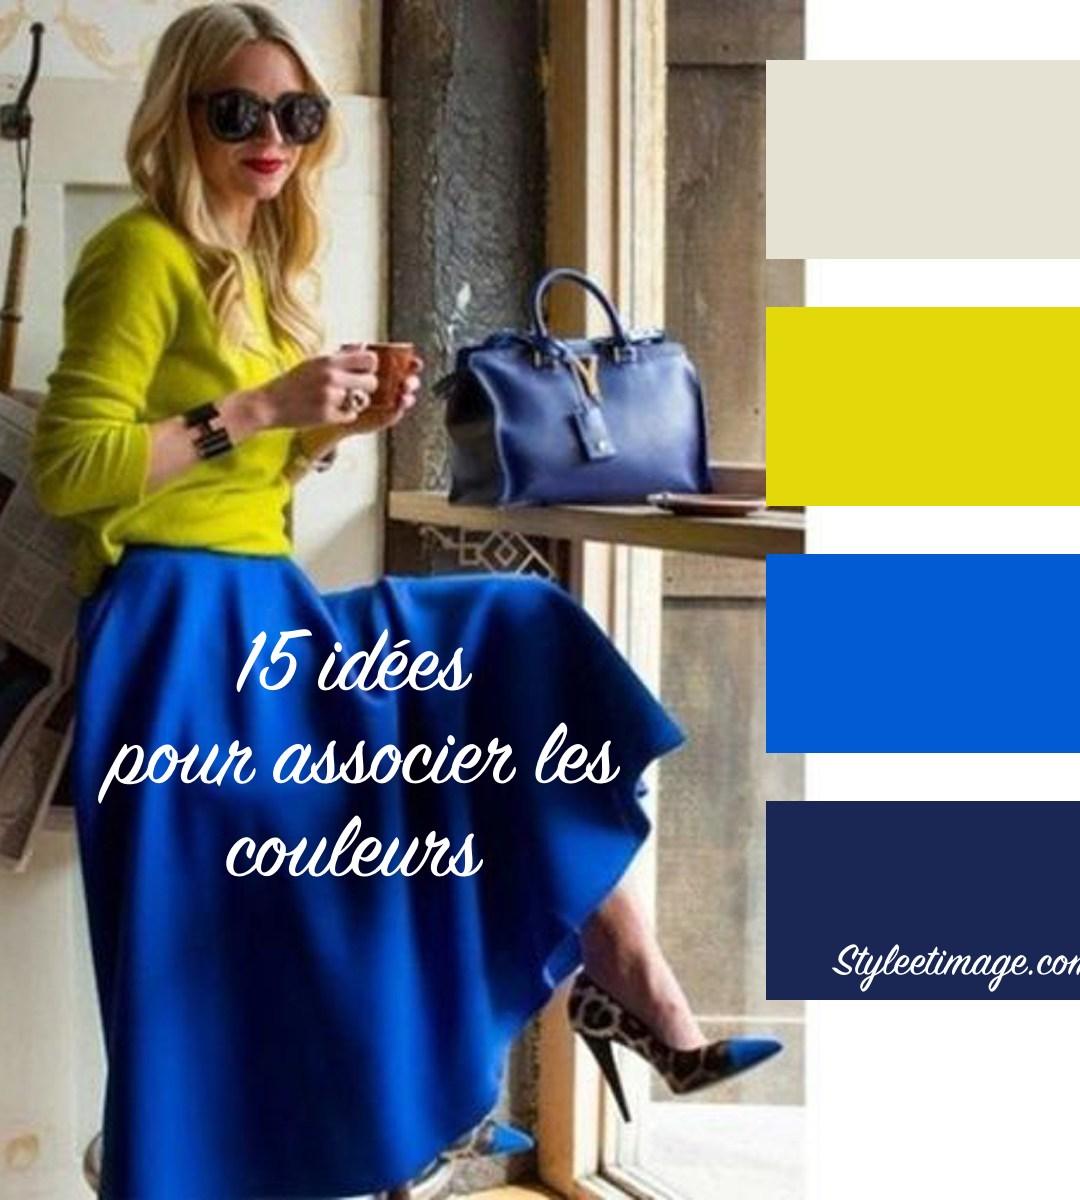 Vêtements: 15 idées pour associer les couleurs |